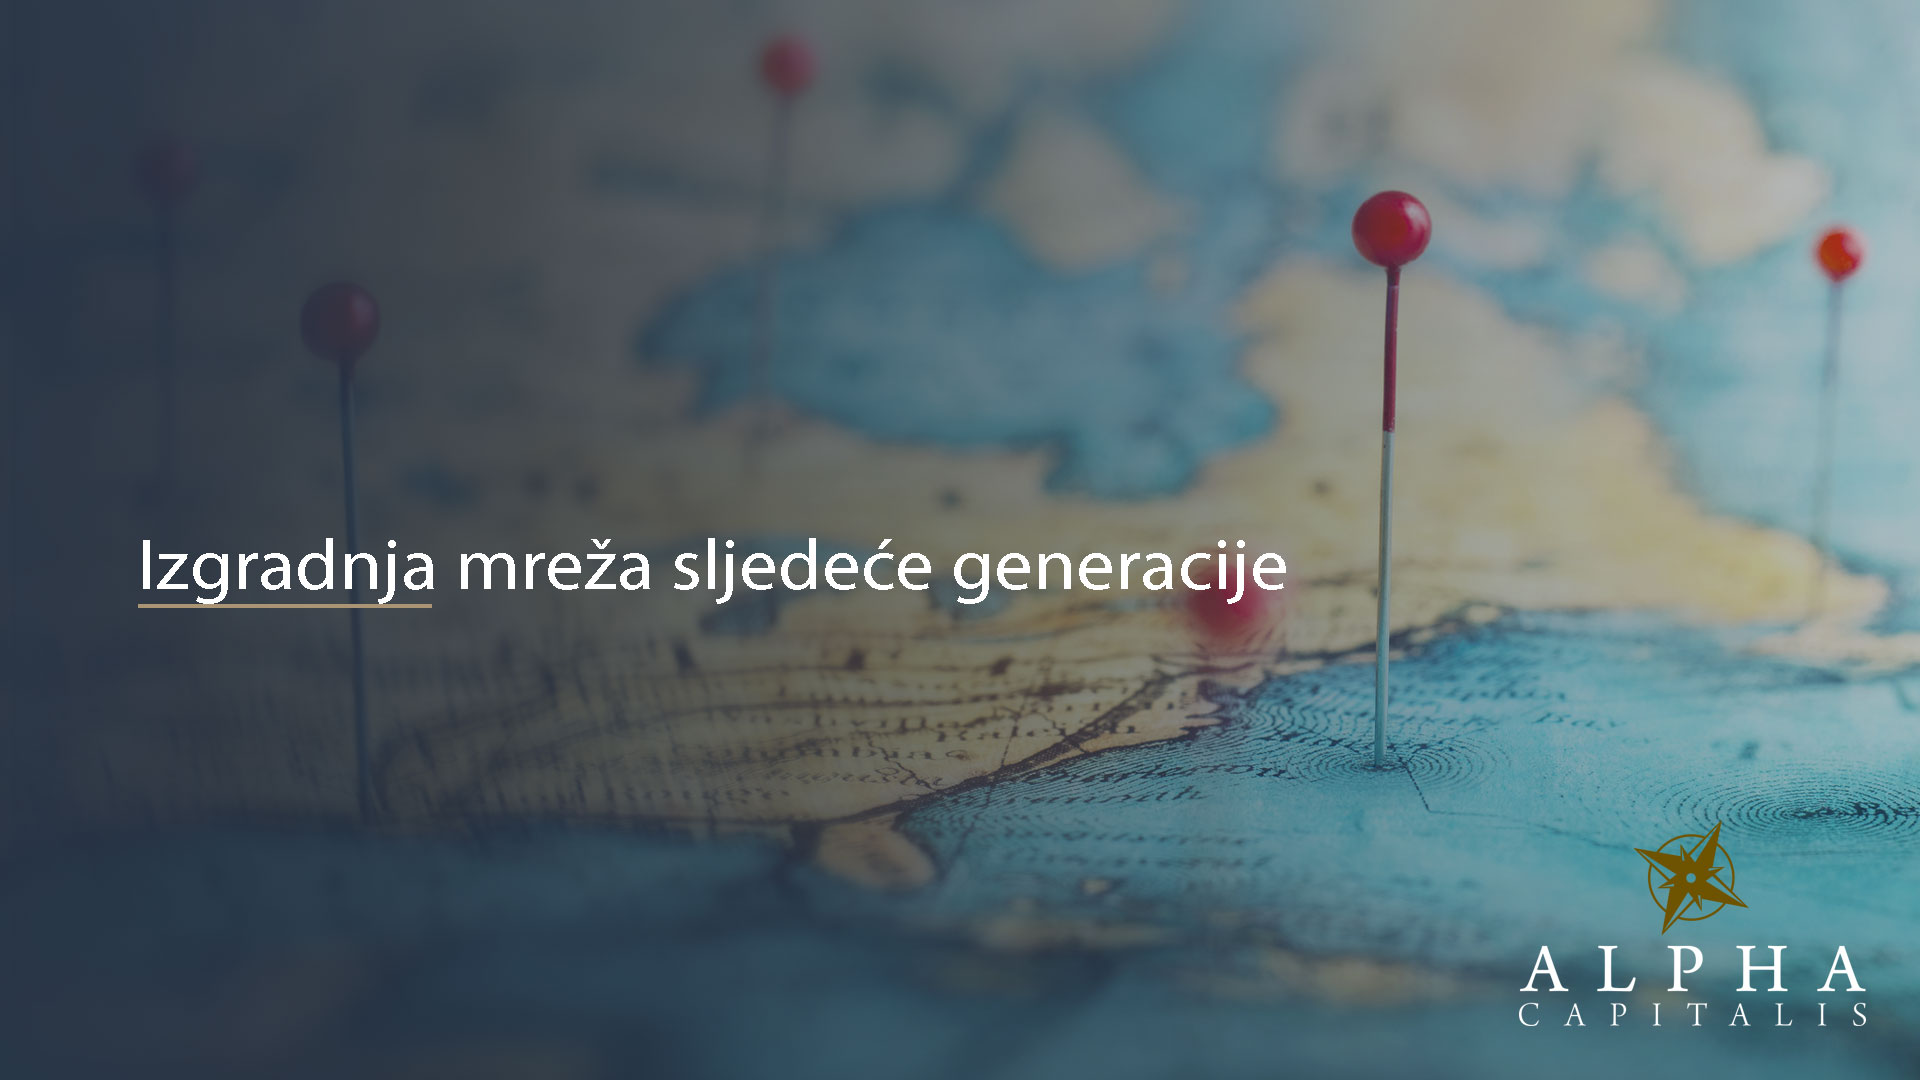 alpha-capitalis-Izgradnja-mreža-sljedeće-generacije-